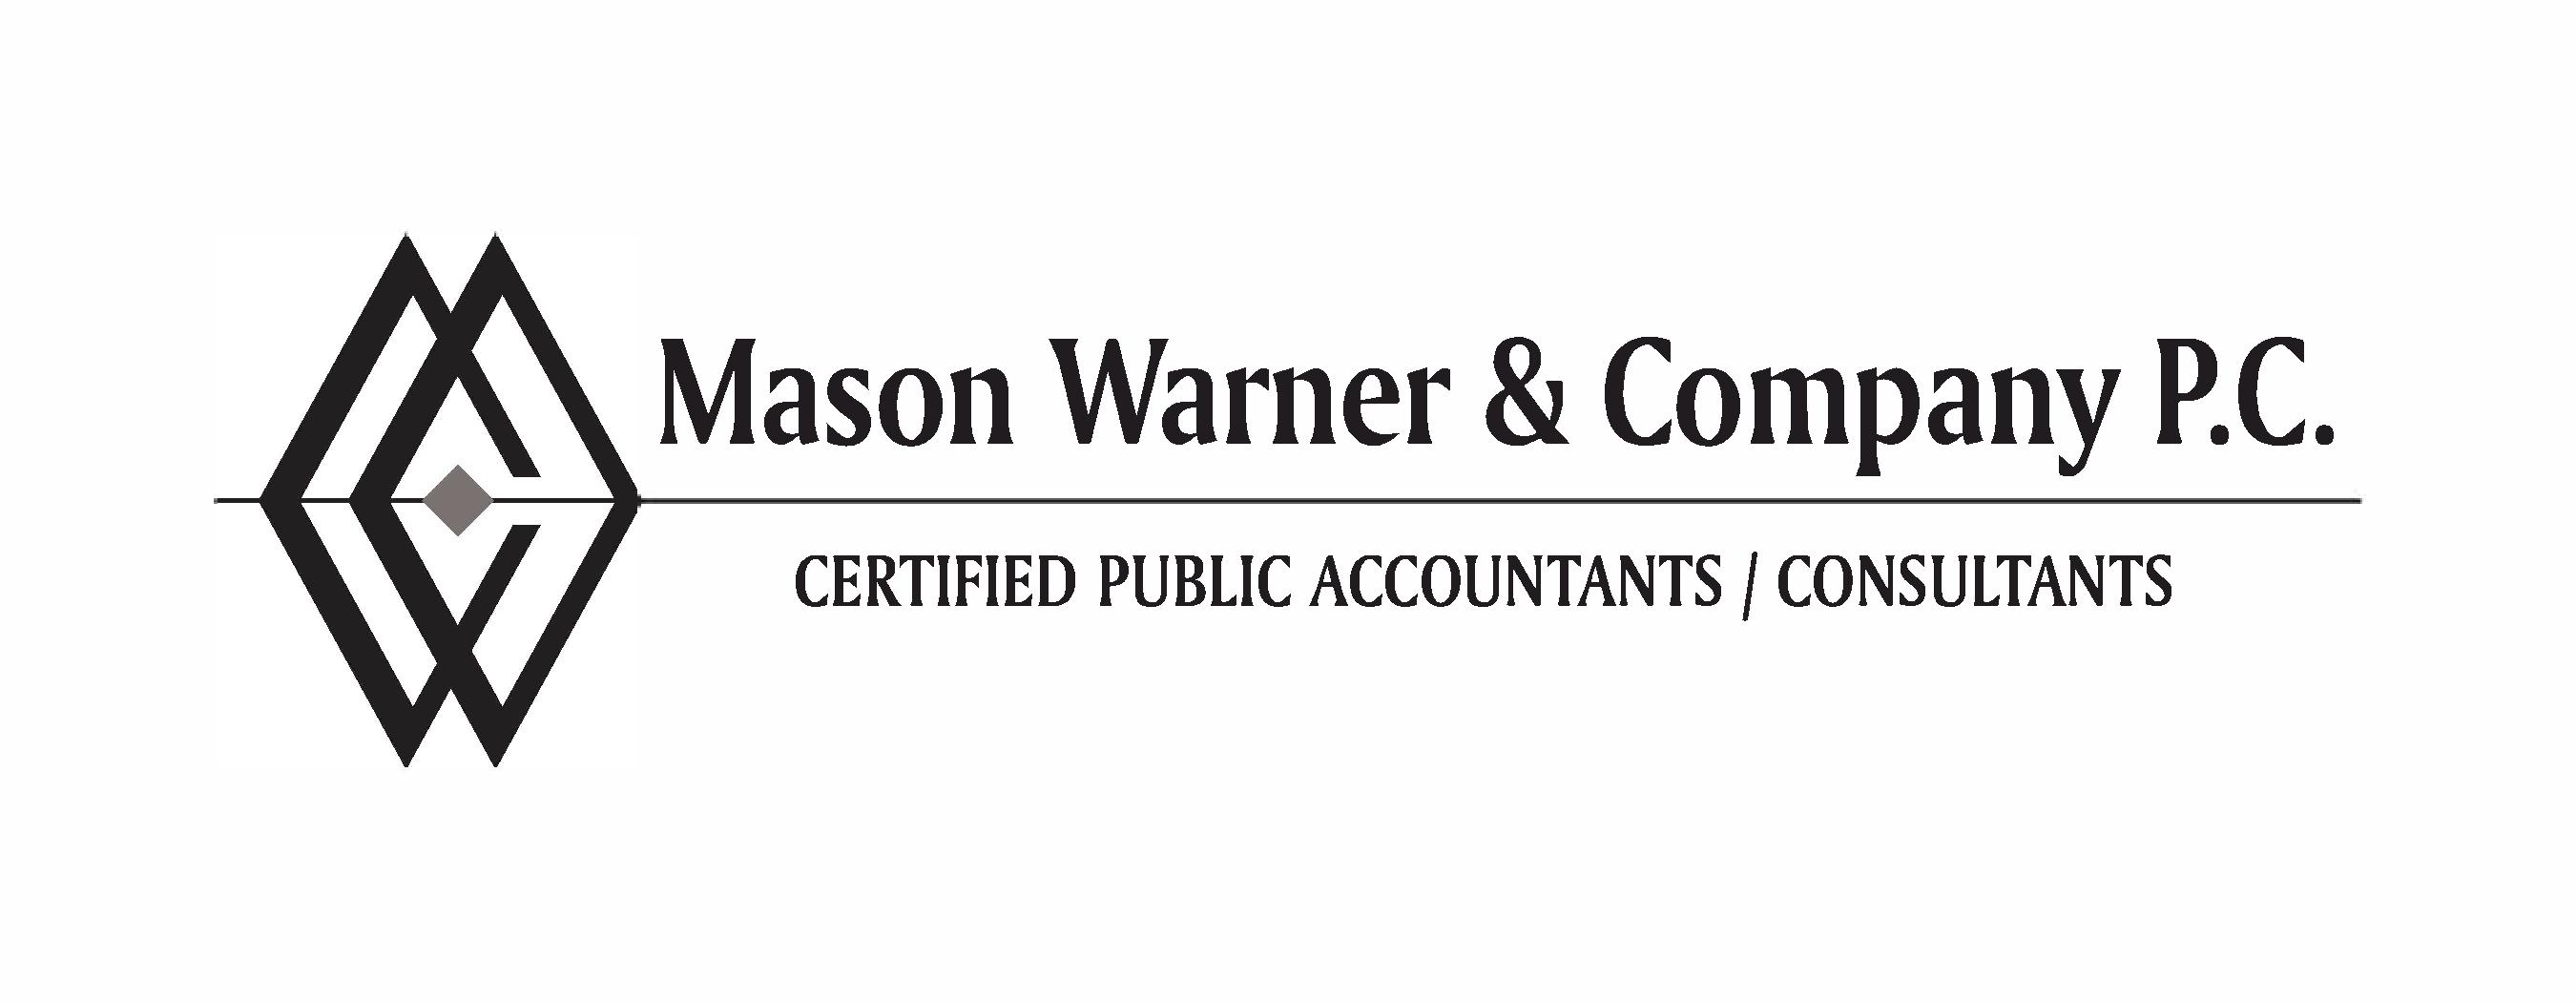 Mason Warner & Co.